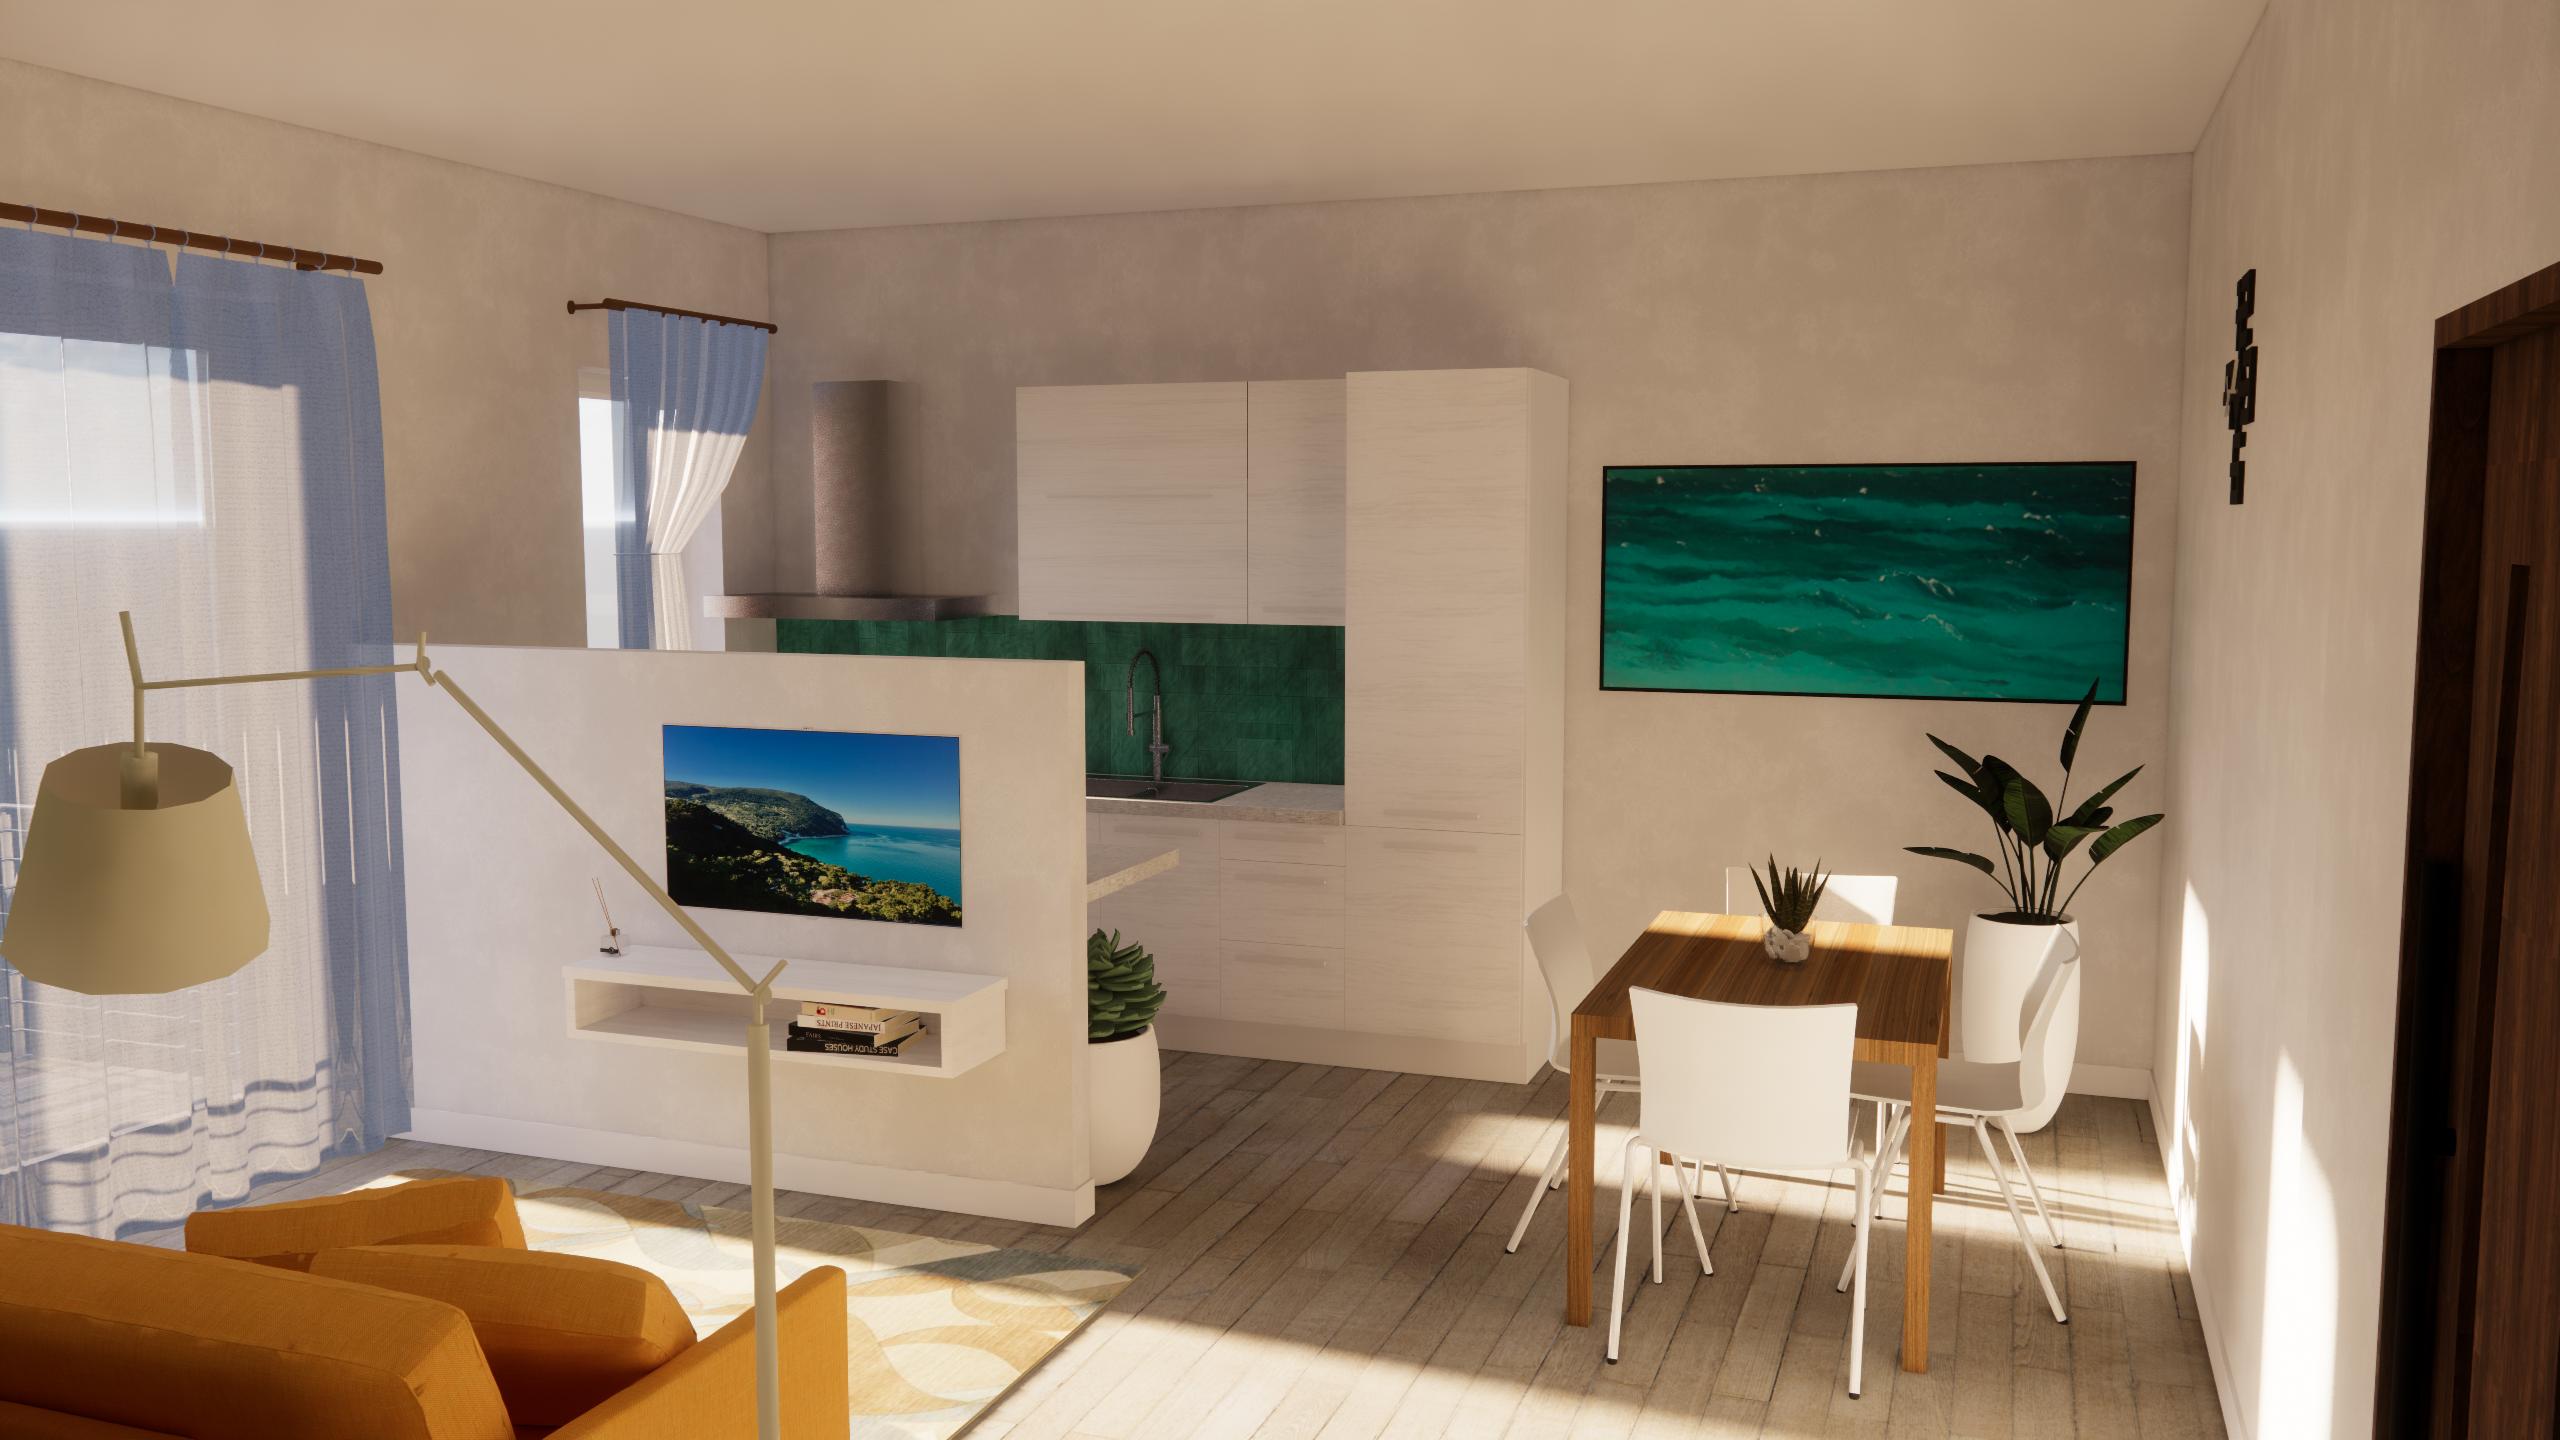 Nuovi Al Centro Di Marcelli Di Numana Immobiliare Ancona Affitto E Vendita Case Nel Conero